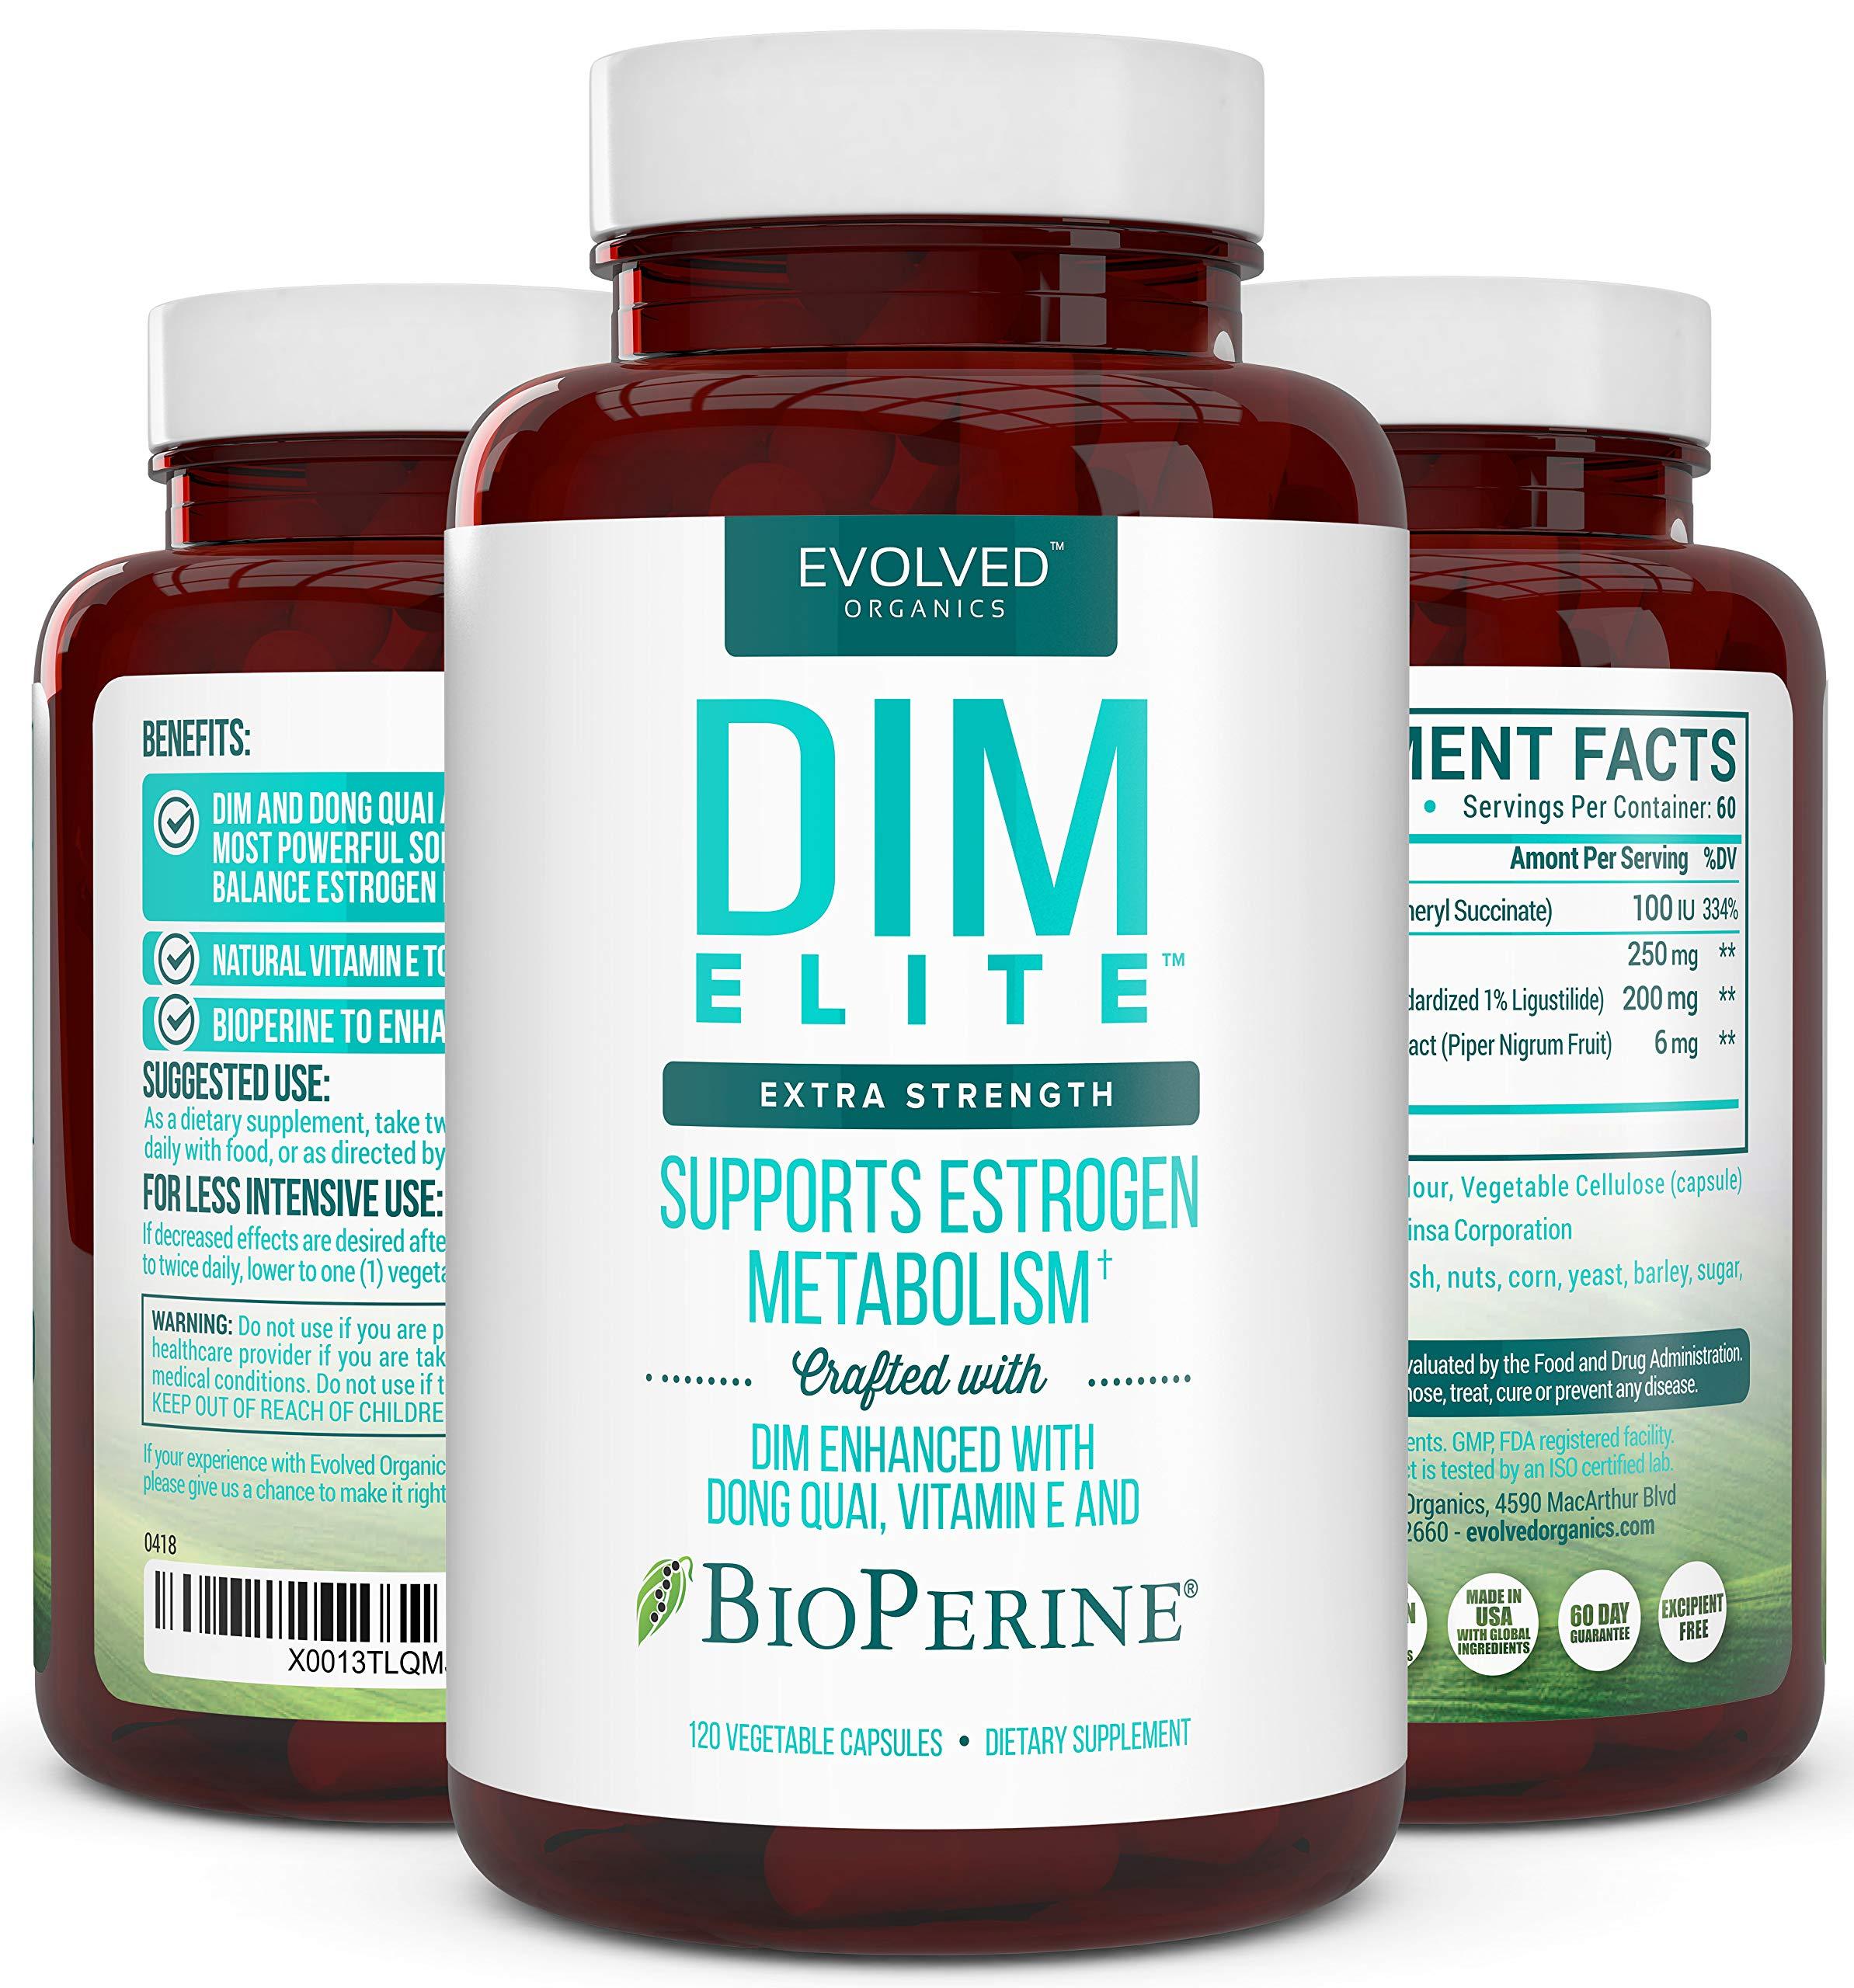 Extra Strength DIM 250mg - Plus Dong Quai, Vitamin E & BioPerine (2-